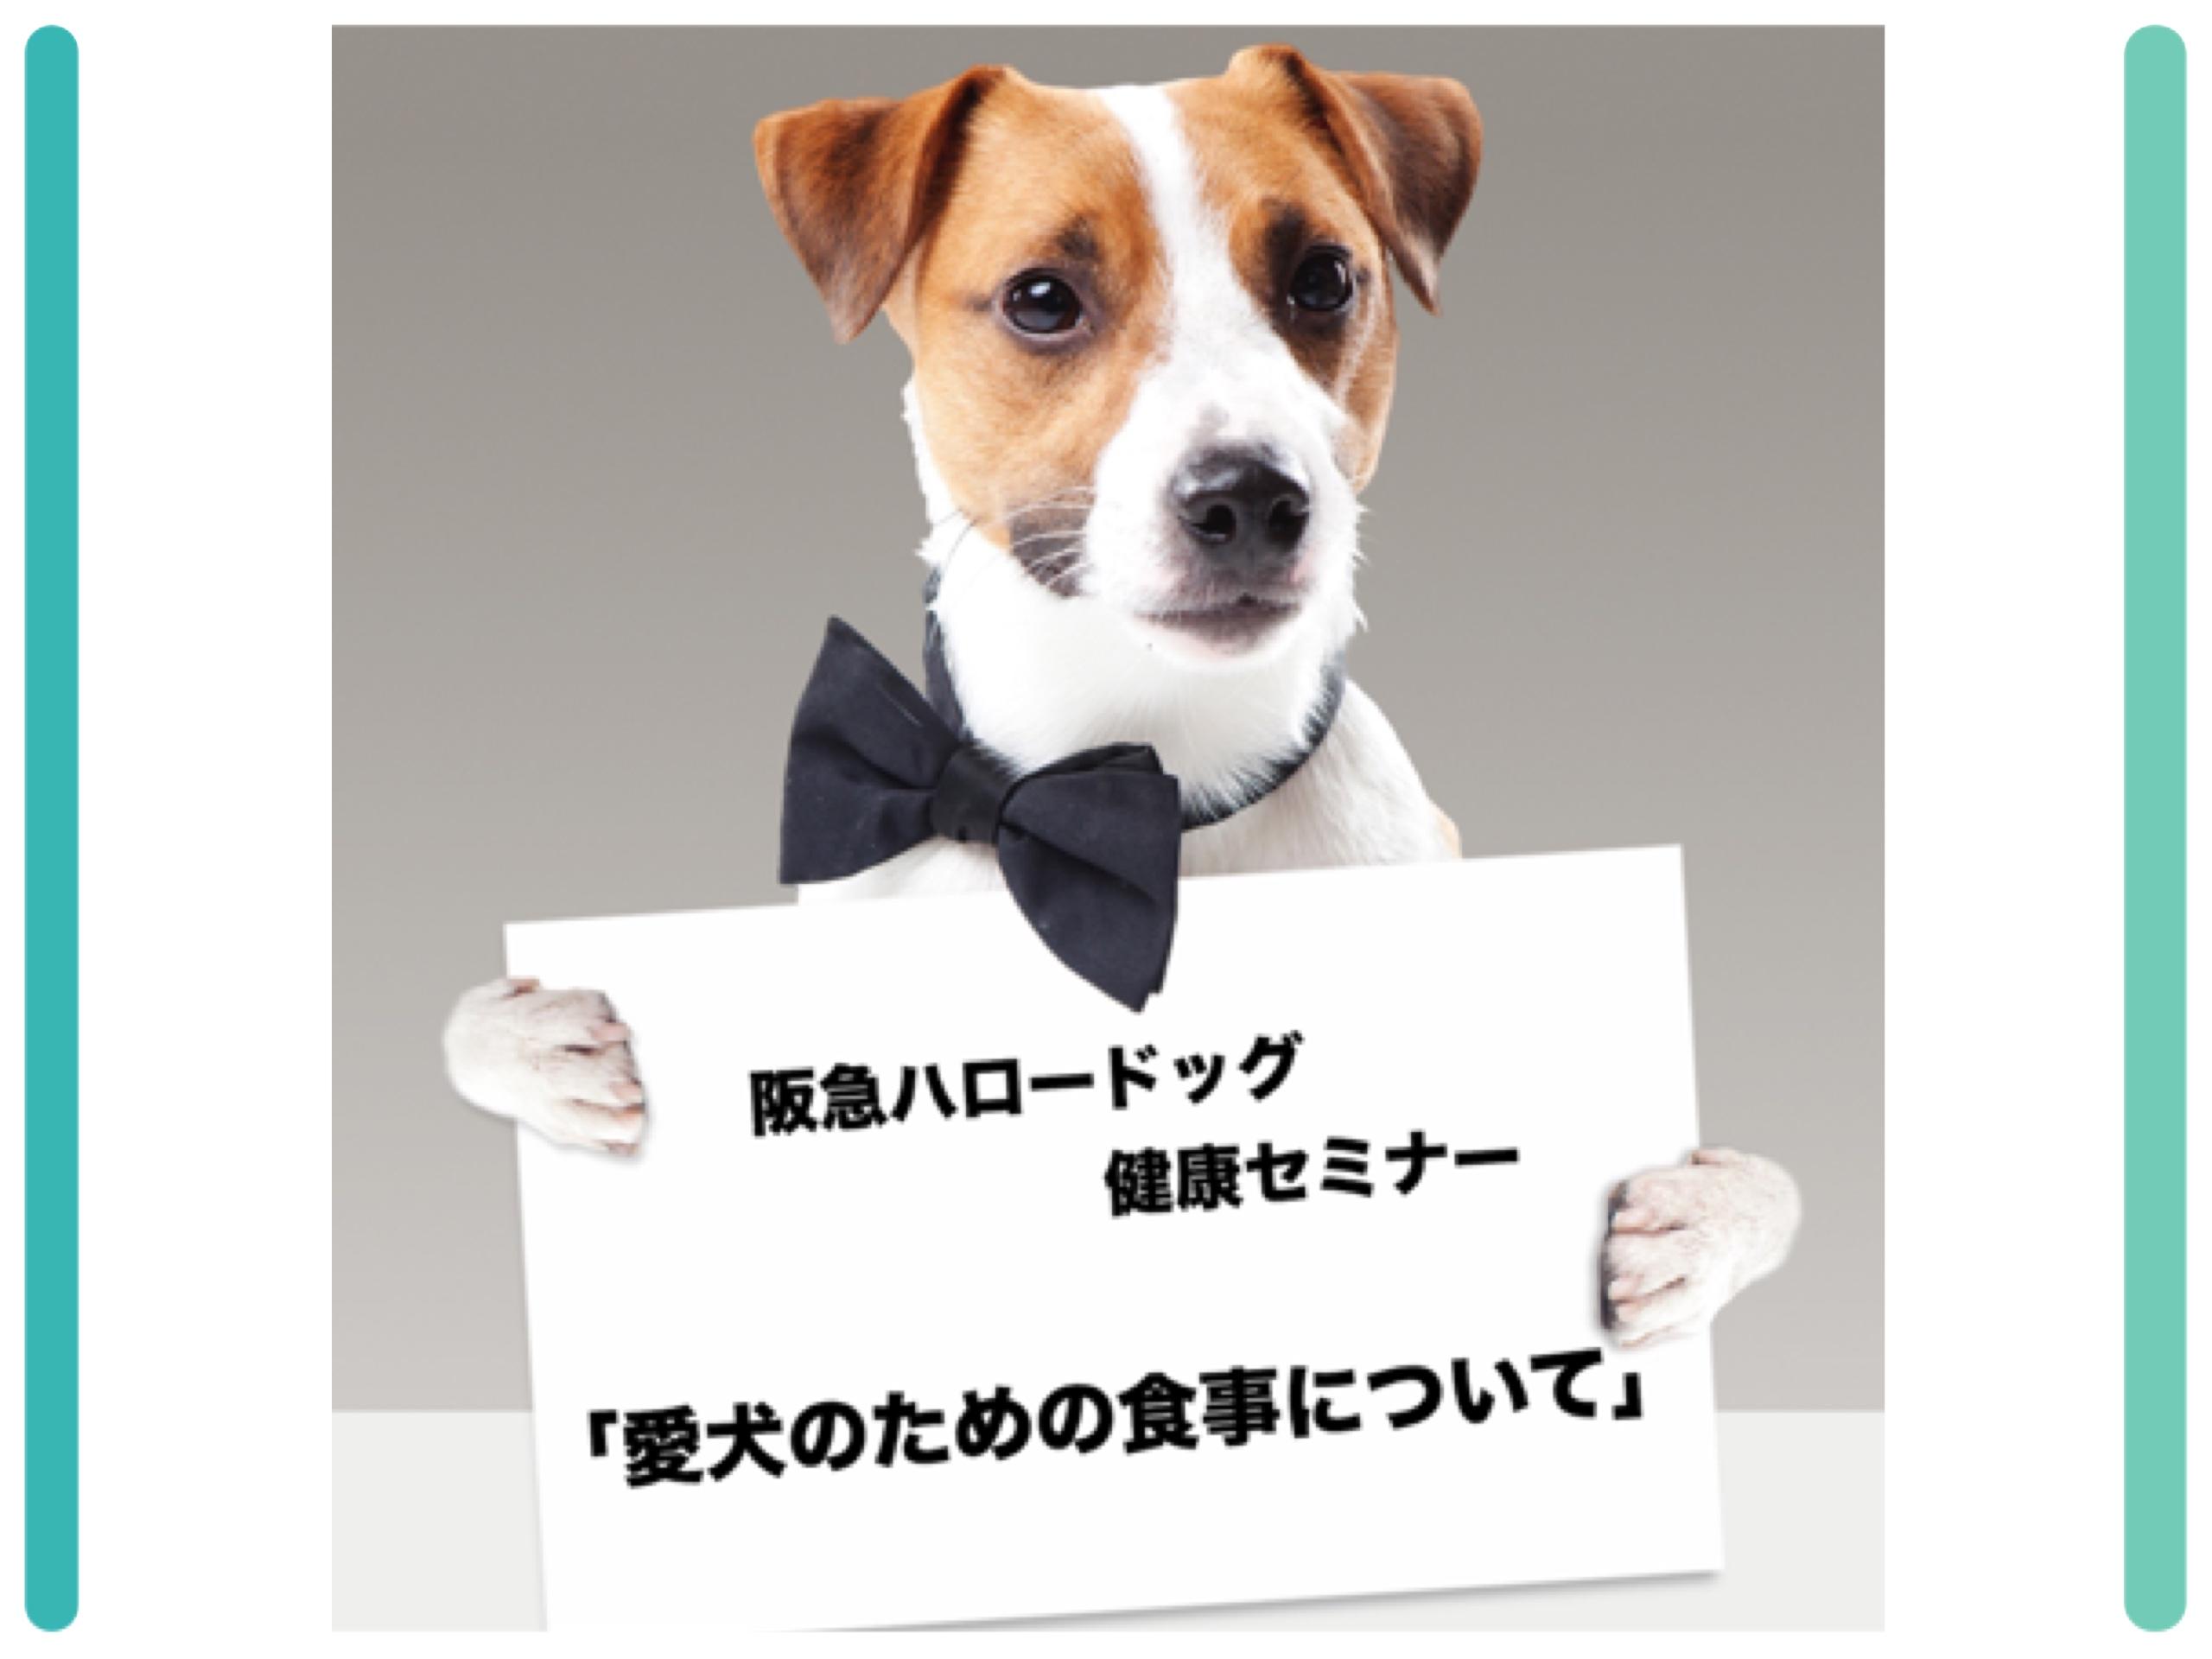 2018/07/14 西宮「阪急ハロードッグ健康セミナー 愛犬のための食事について」